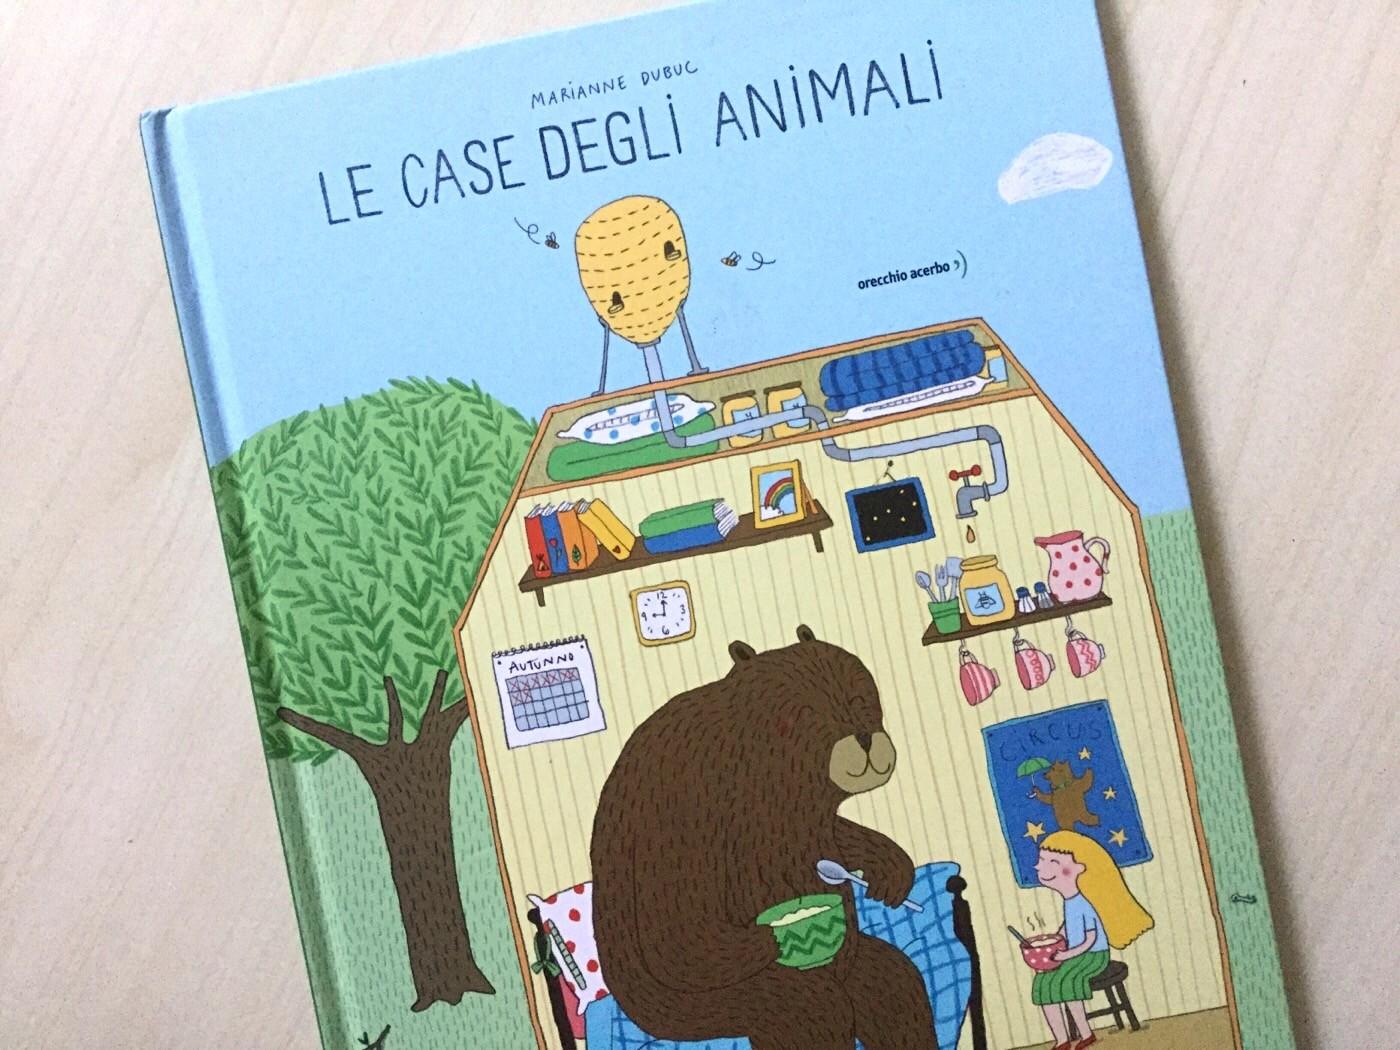 LE CASE DEGLI ANIMALI Marianne Dubuc ~ Orecchio Acerbo ~ 2015